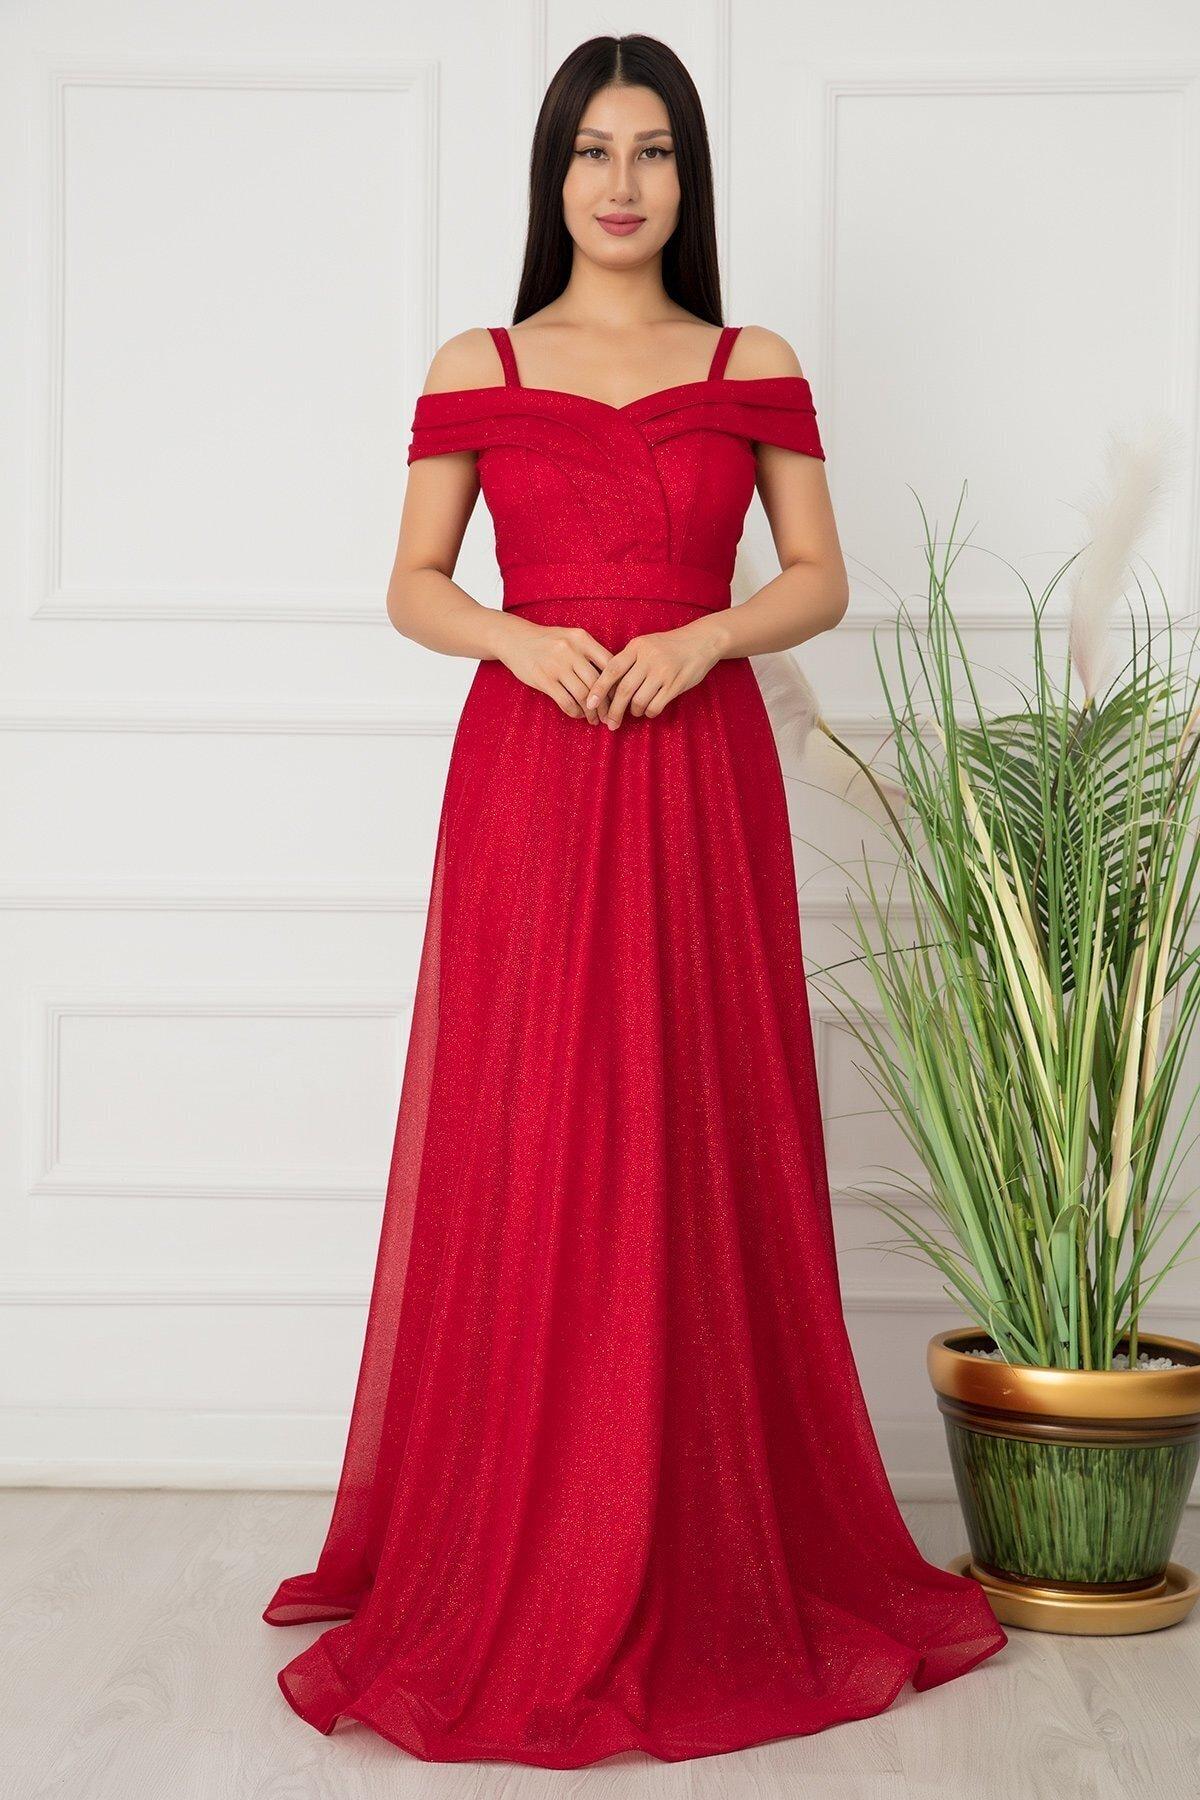 Pullimm Kırmızı Jessia Askılı Simli Tül Uzun Abiye Elbise